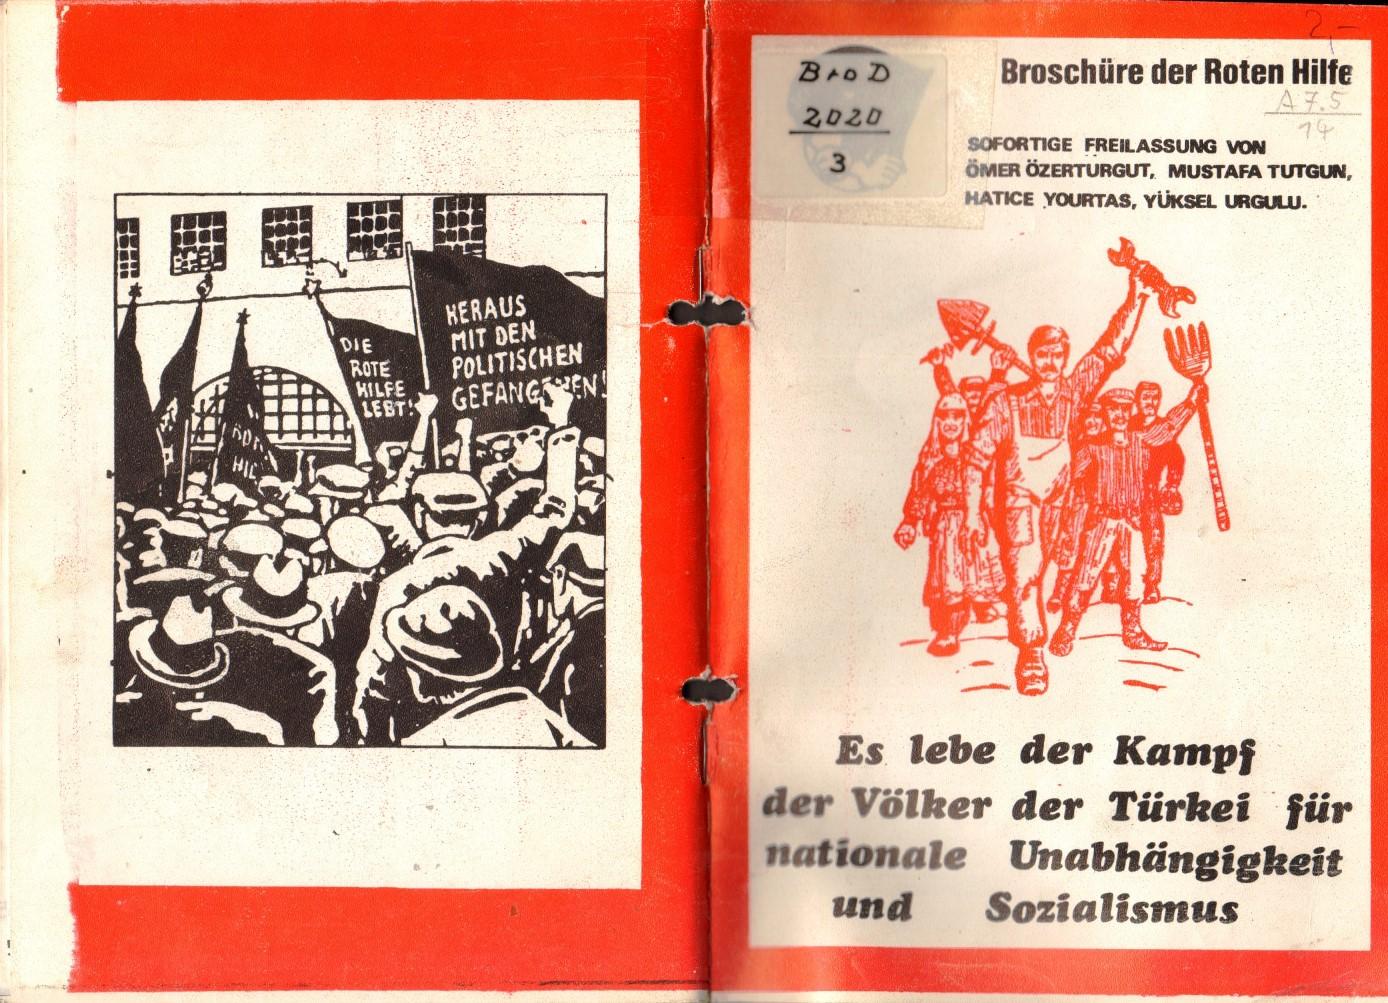 NRW_Rote_Hilfe_1975_Sofortige_Freilassung_der_tuerkischen_Patrioten_01